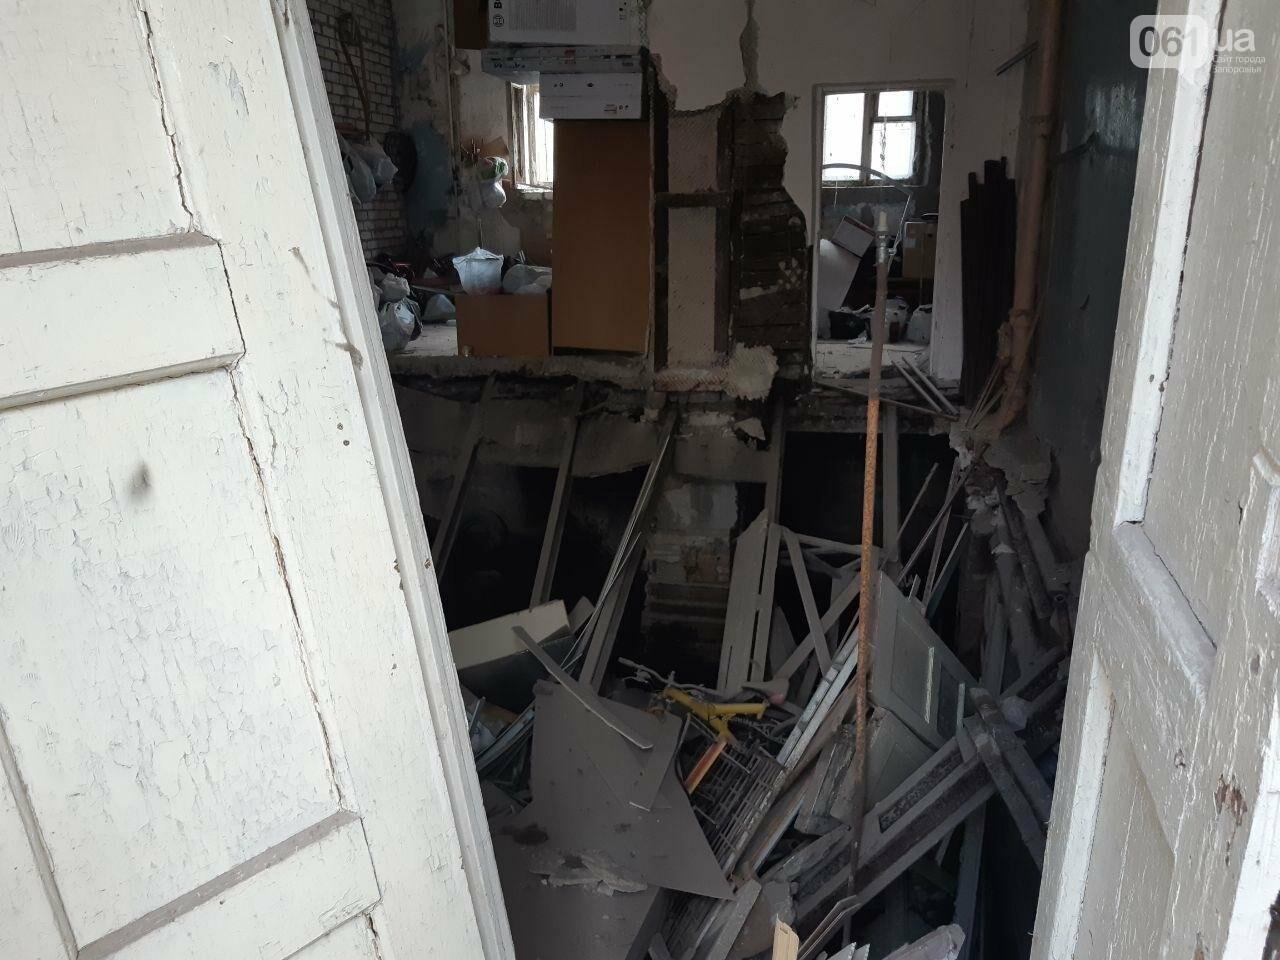 В Запорожье в жилом доме обвалилась опорная стена: открыто уголовное дело, людей переселяют в общежития, - ФОТОРЕПОРТАЖ, фото-8